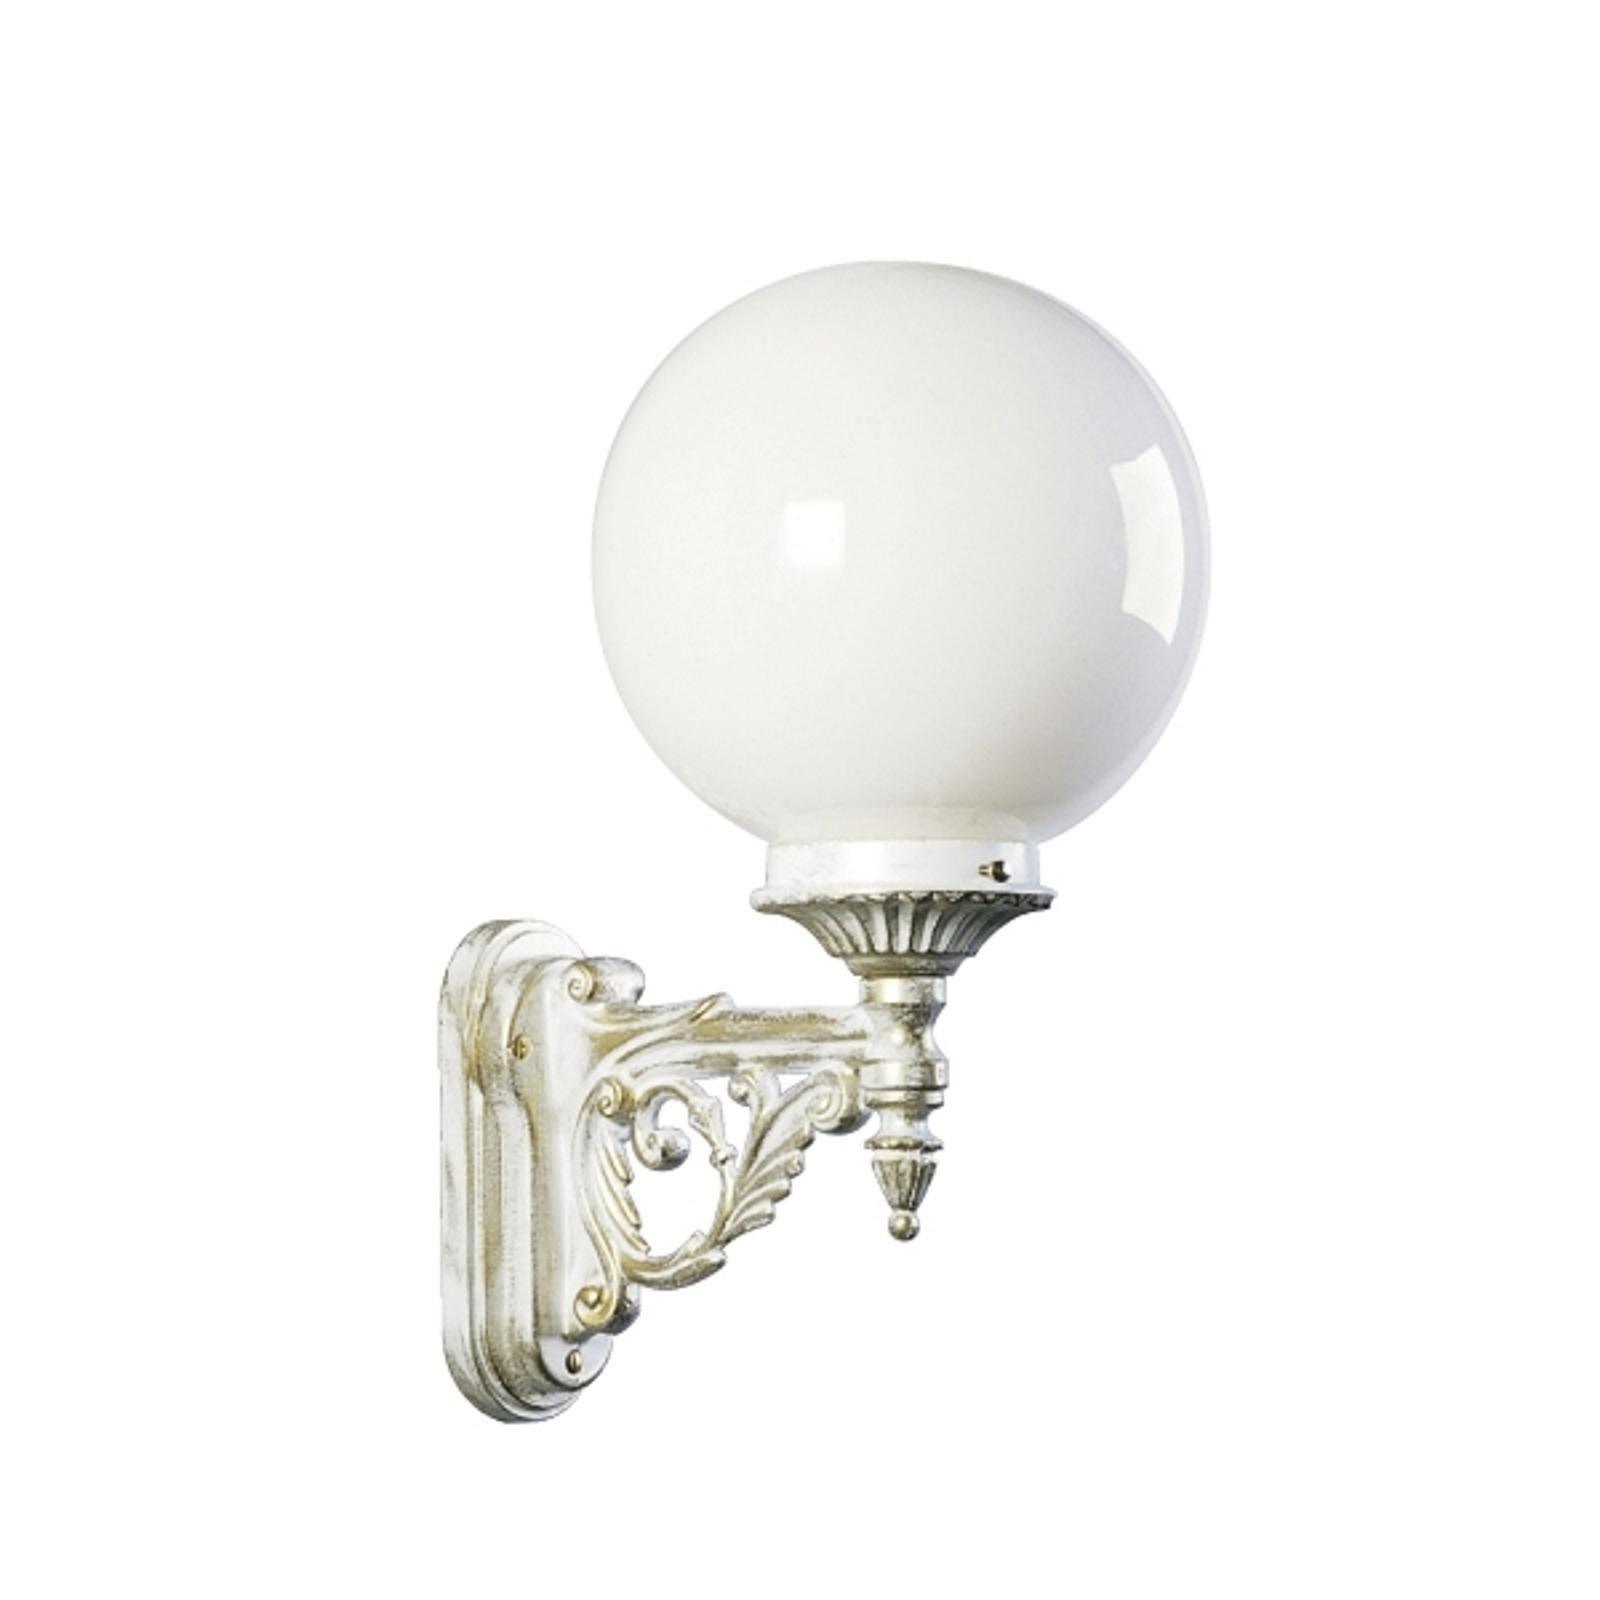 Dekoracyjna zewnętrzna lampa ścienna GOL 160